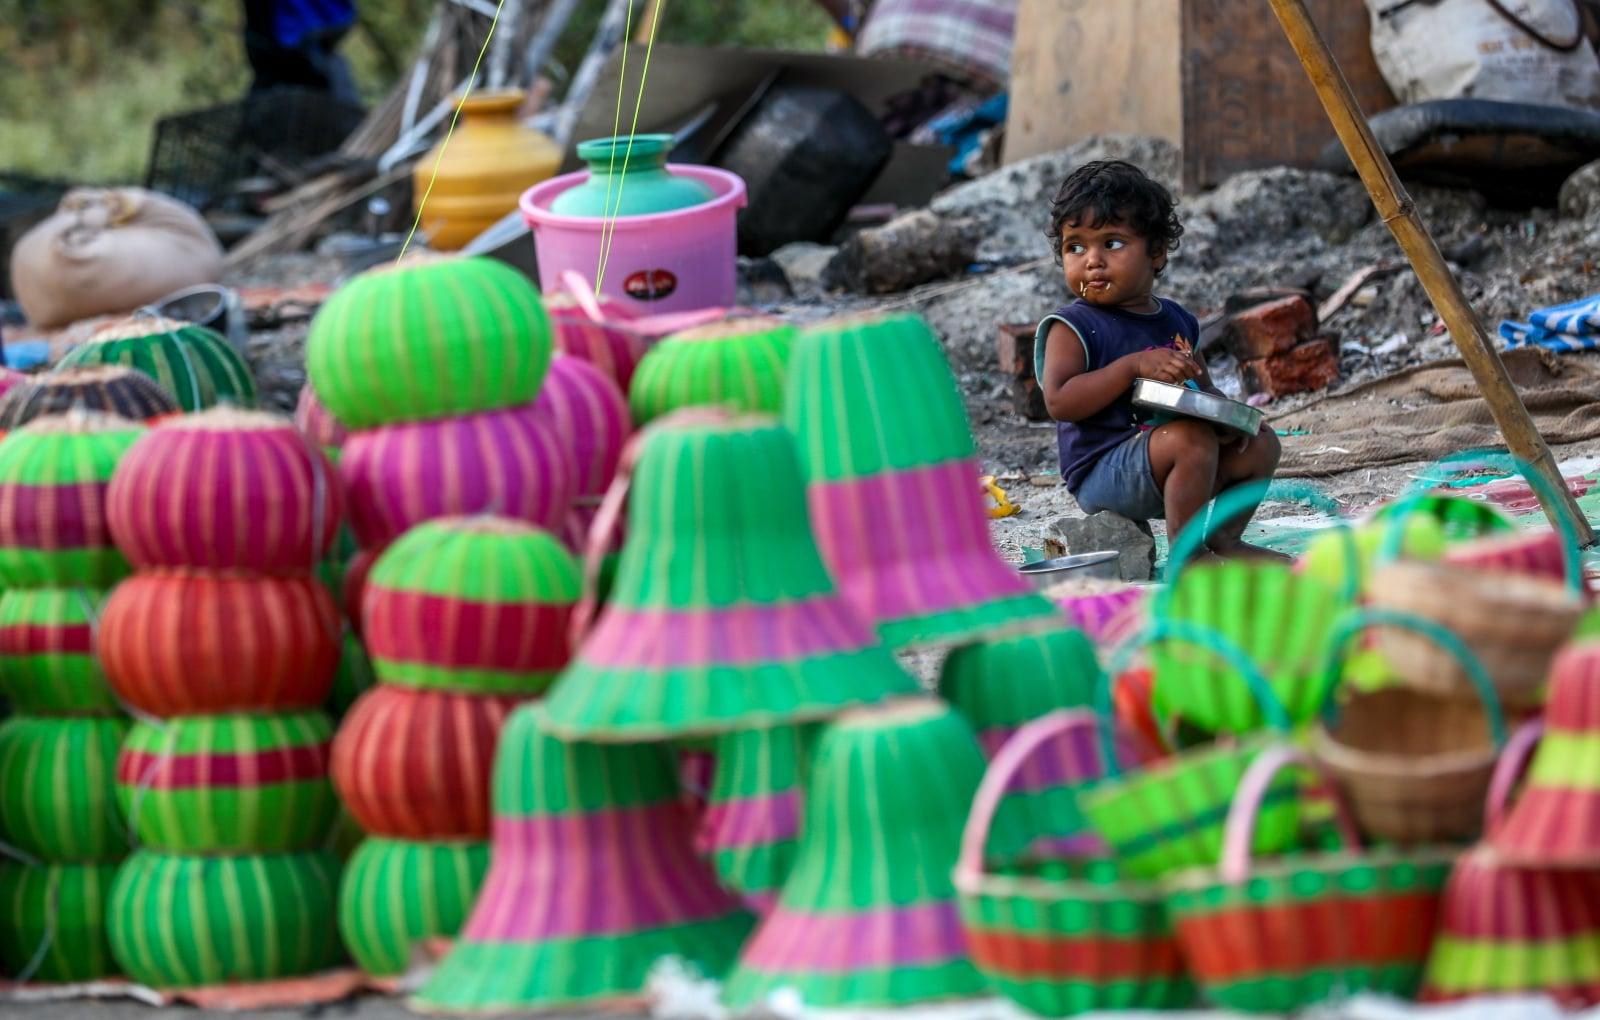 Młode hinduskie dziecko bawi się przy lampionach ustawionych na święto Diwali. Fot. PAP/EPA/DIVYAKANT SOLANKI